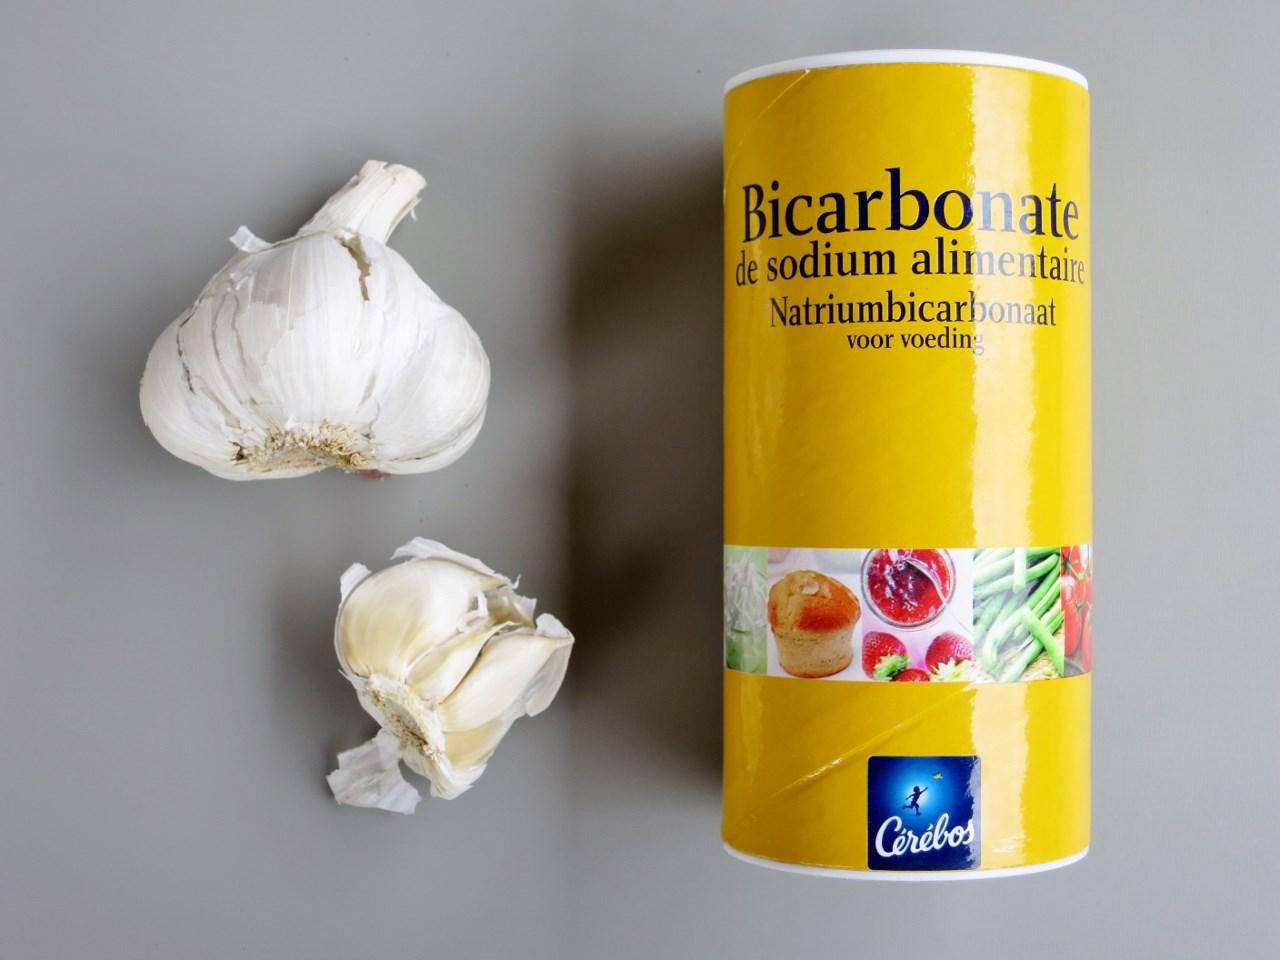 Tomates avez vous fait ces v rifications de mi saison - Traitement mildiou tomate bicarbonate soude ...